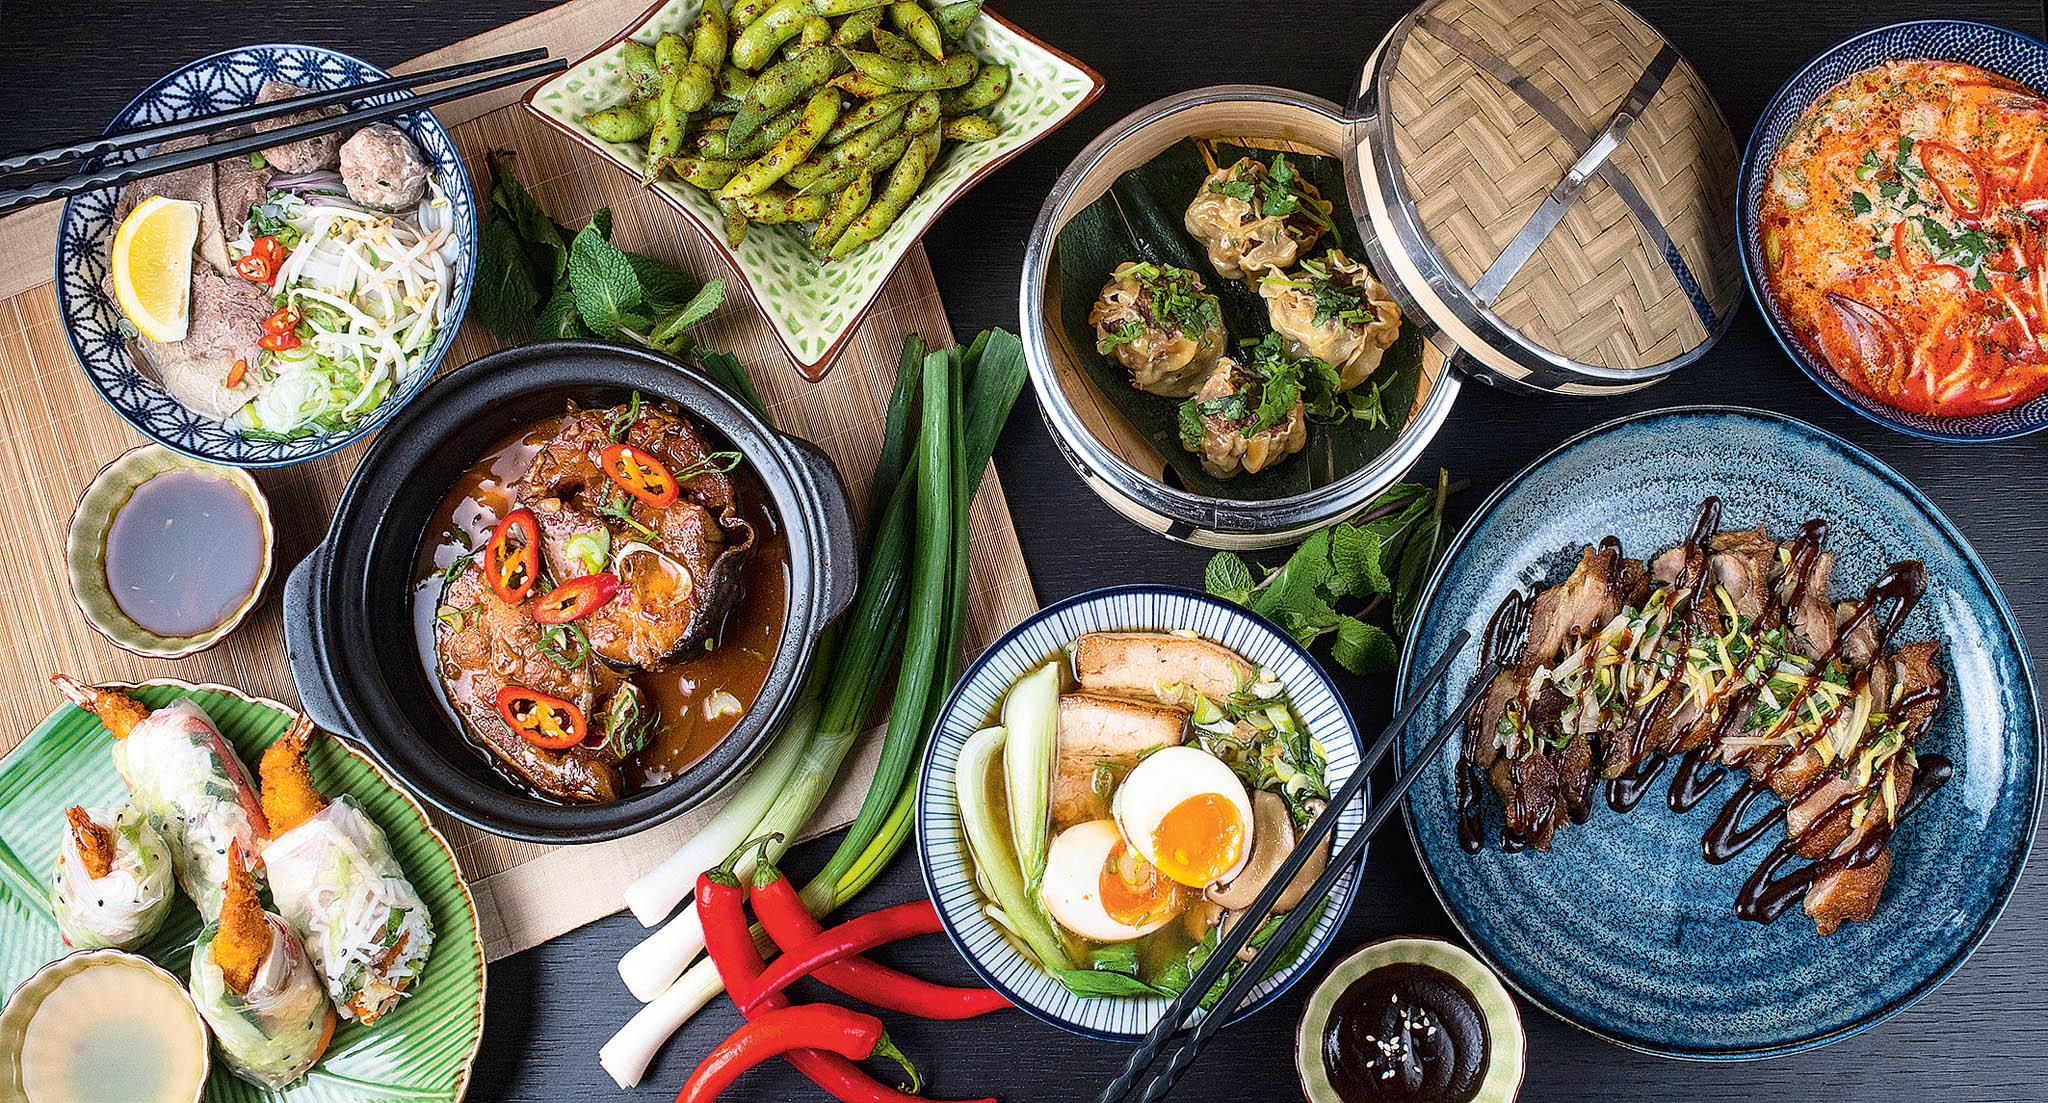 Public Chilli sází na kreativně pojatou asijskou kuchyni.